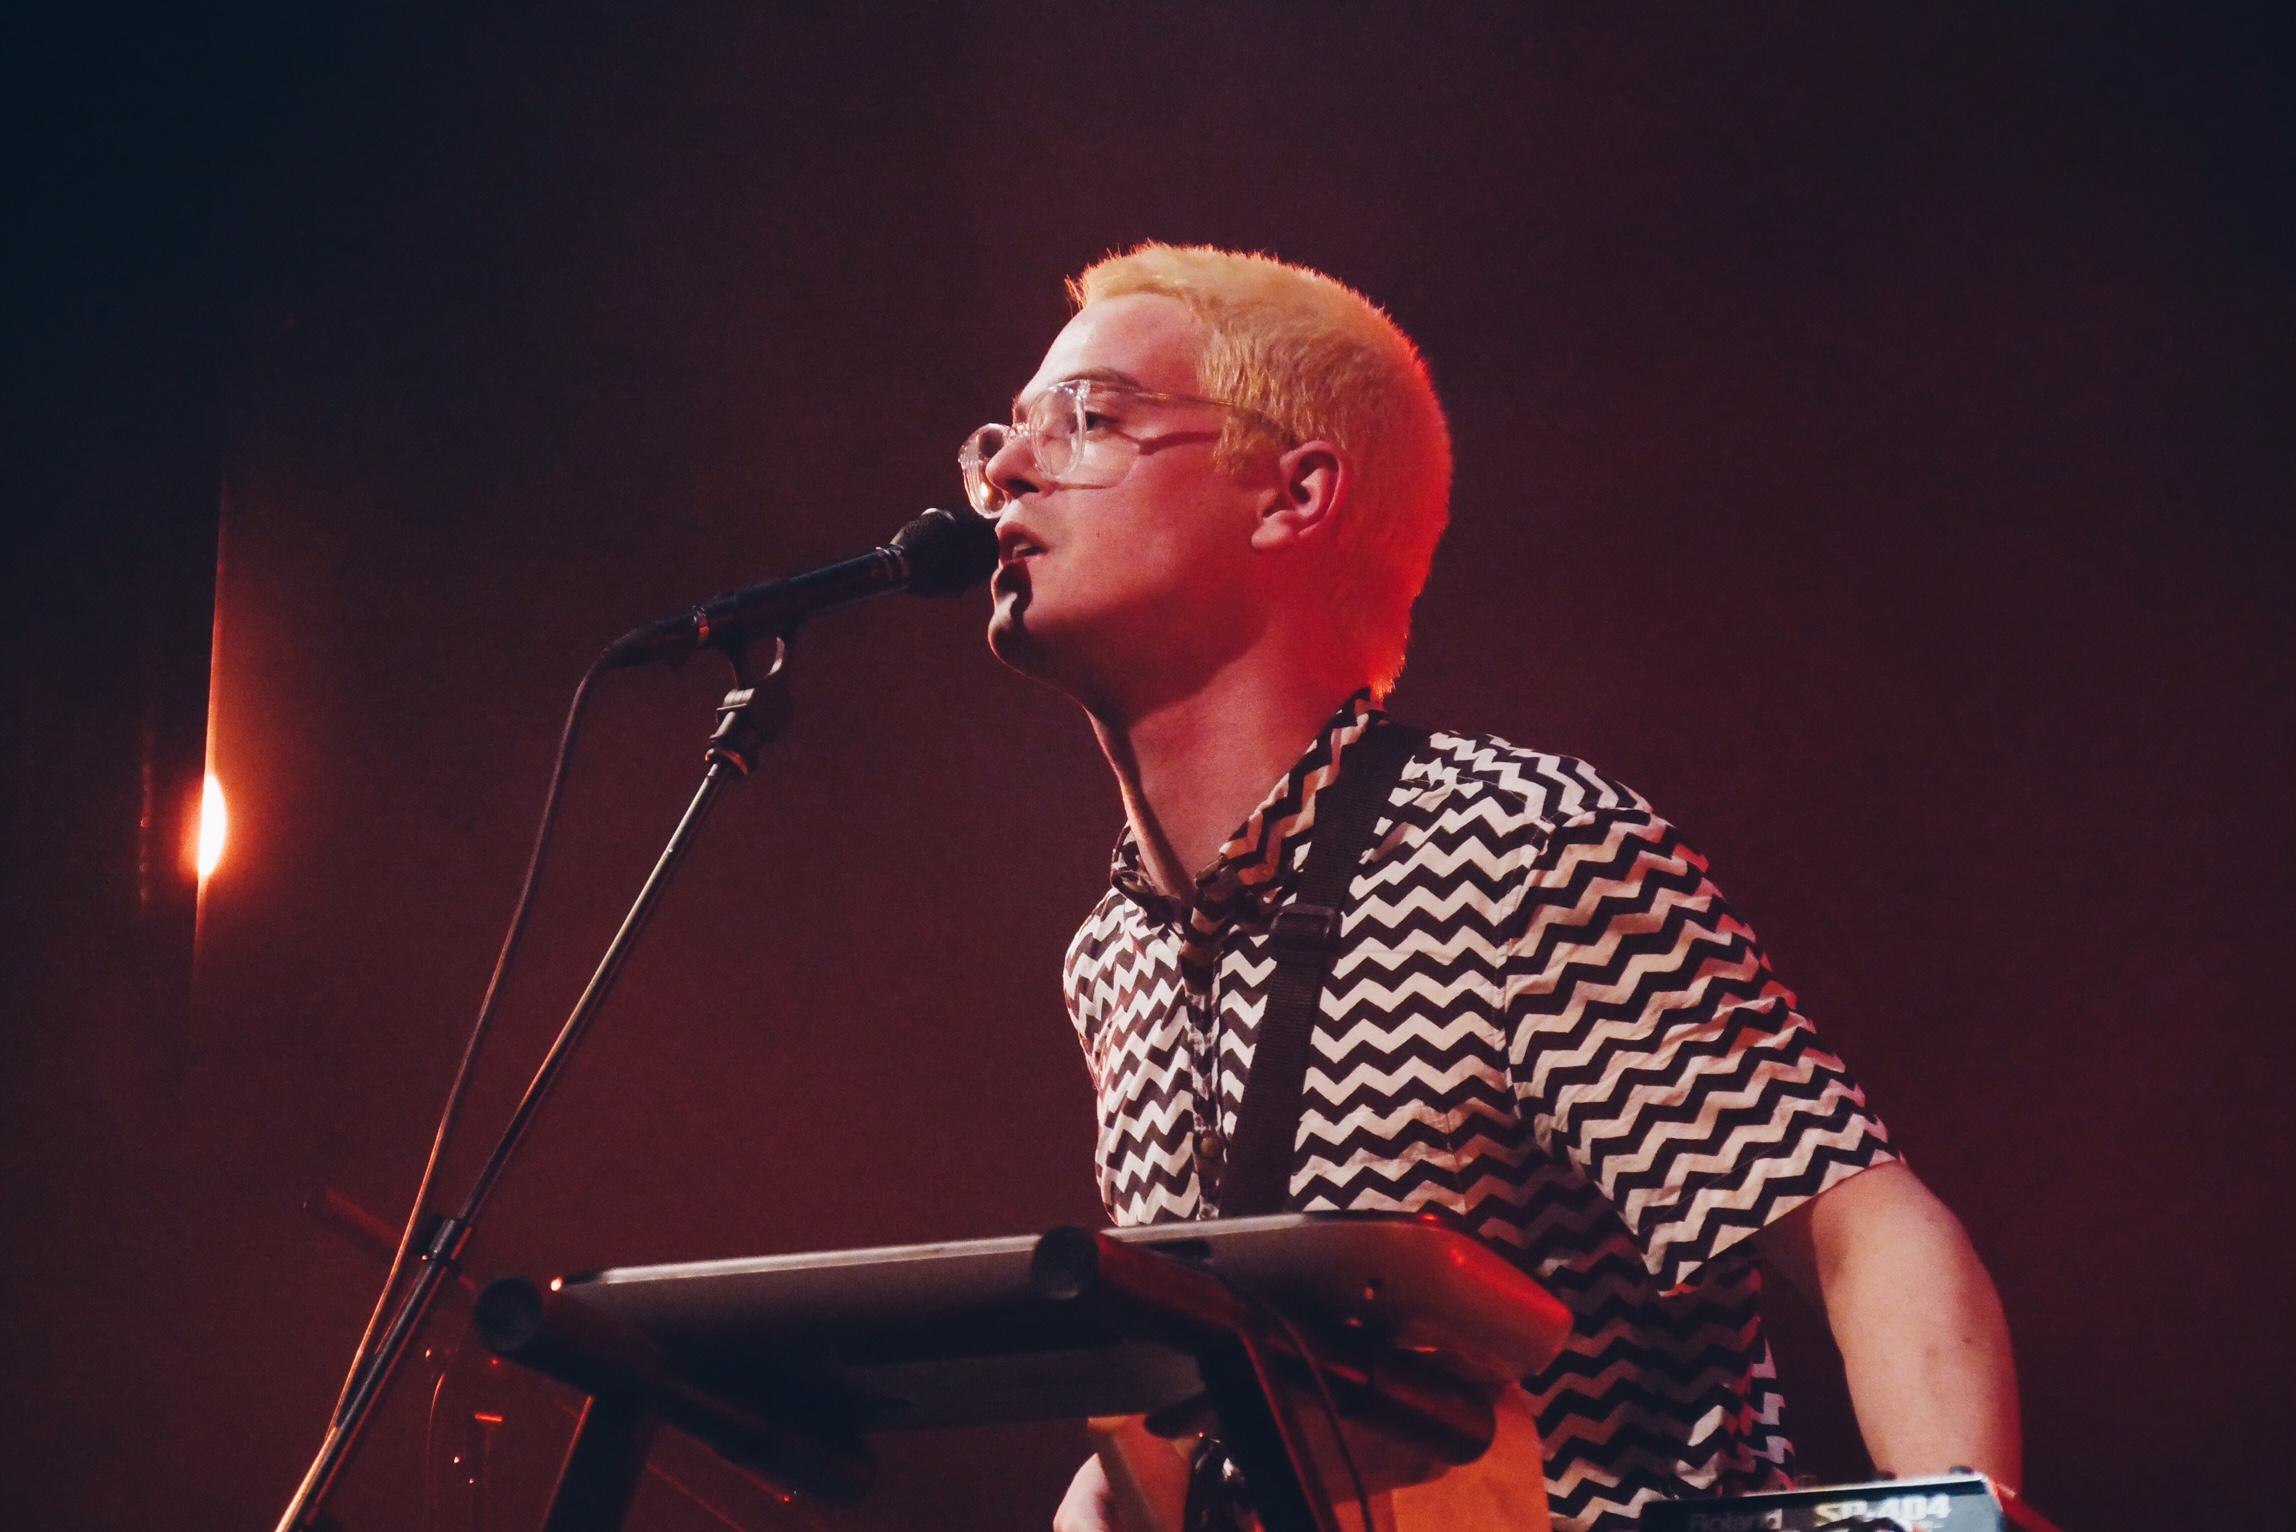 Rouge-Gorge-music-Robin-Poligné-concert-live-Les-Trans-Musicales-2016-festival-photo-scène-usofparis-blog.jpg